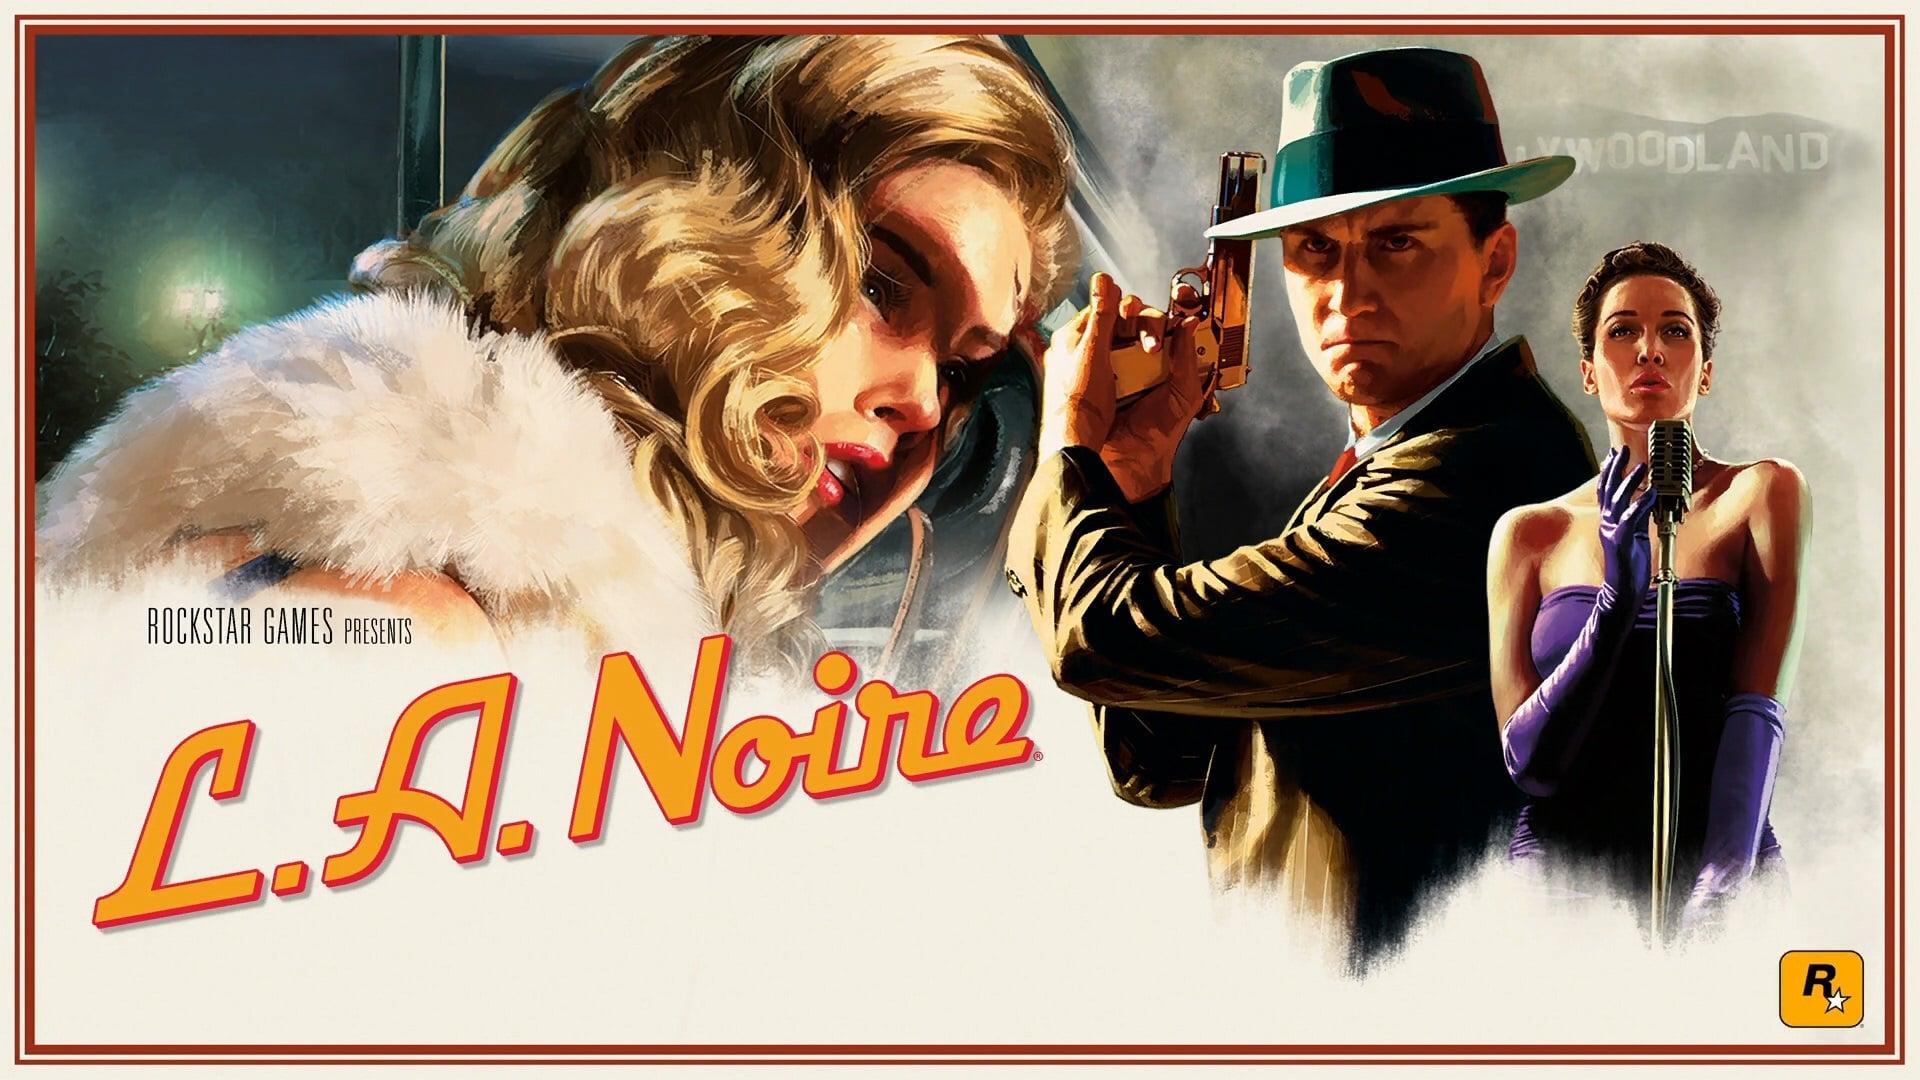 L.A. Noire (PS4) Review